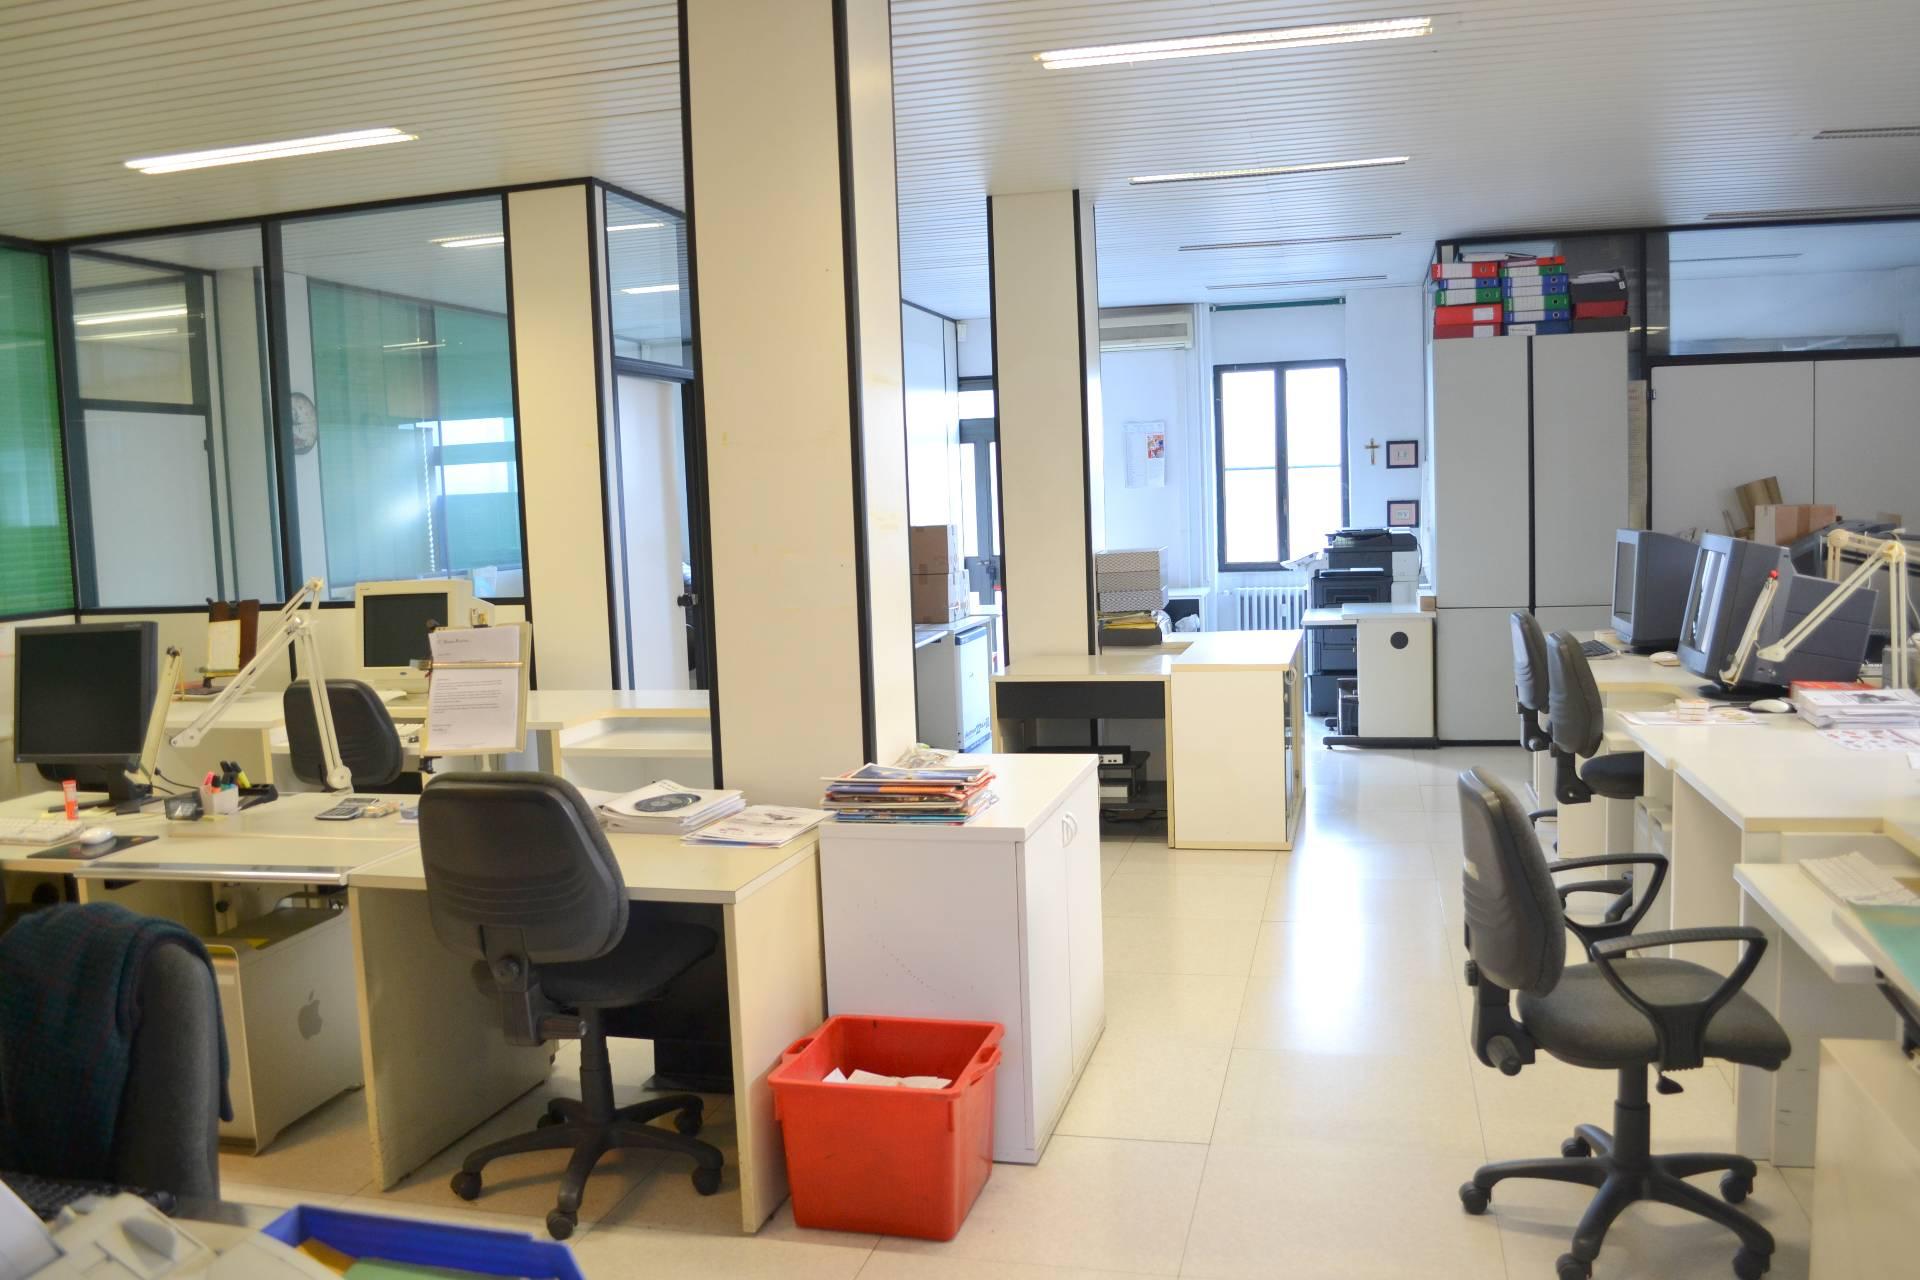 Ufficio diviso in ambienti/locali in vendita - 220 mq